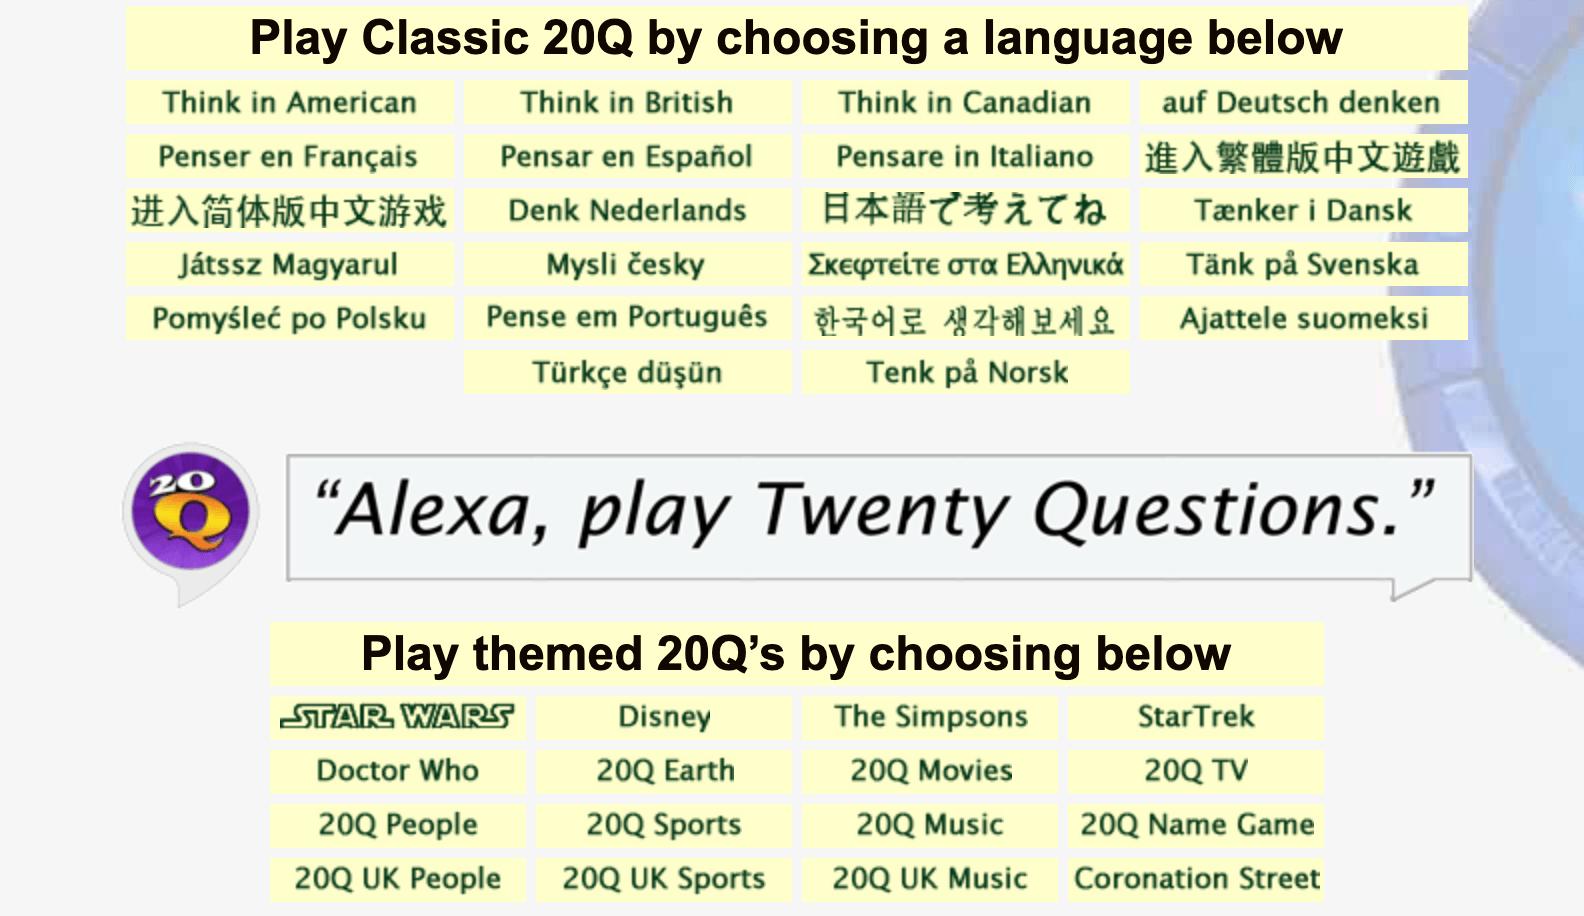 选择语言和大类